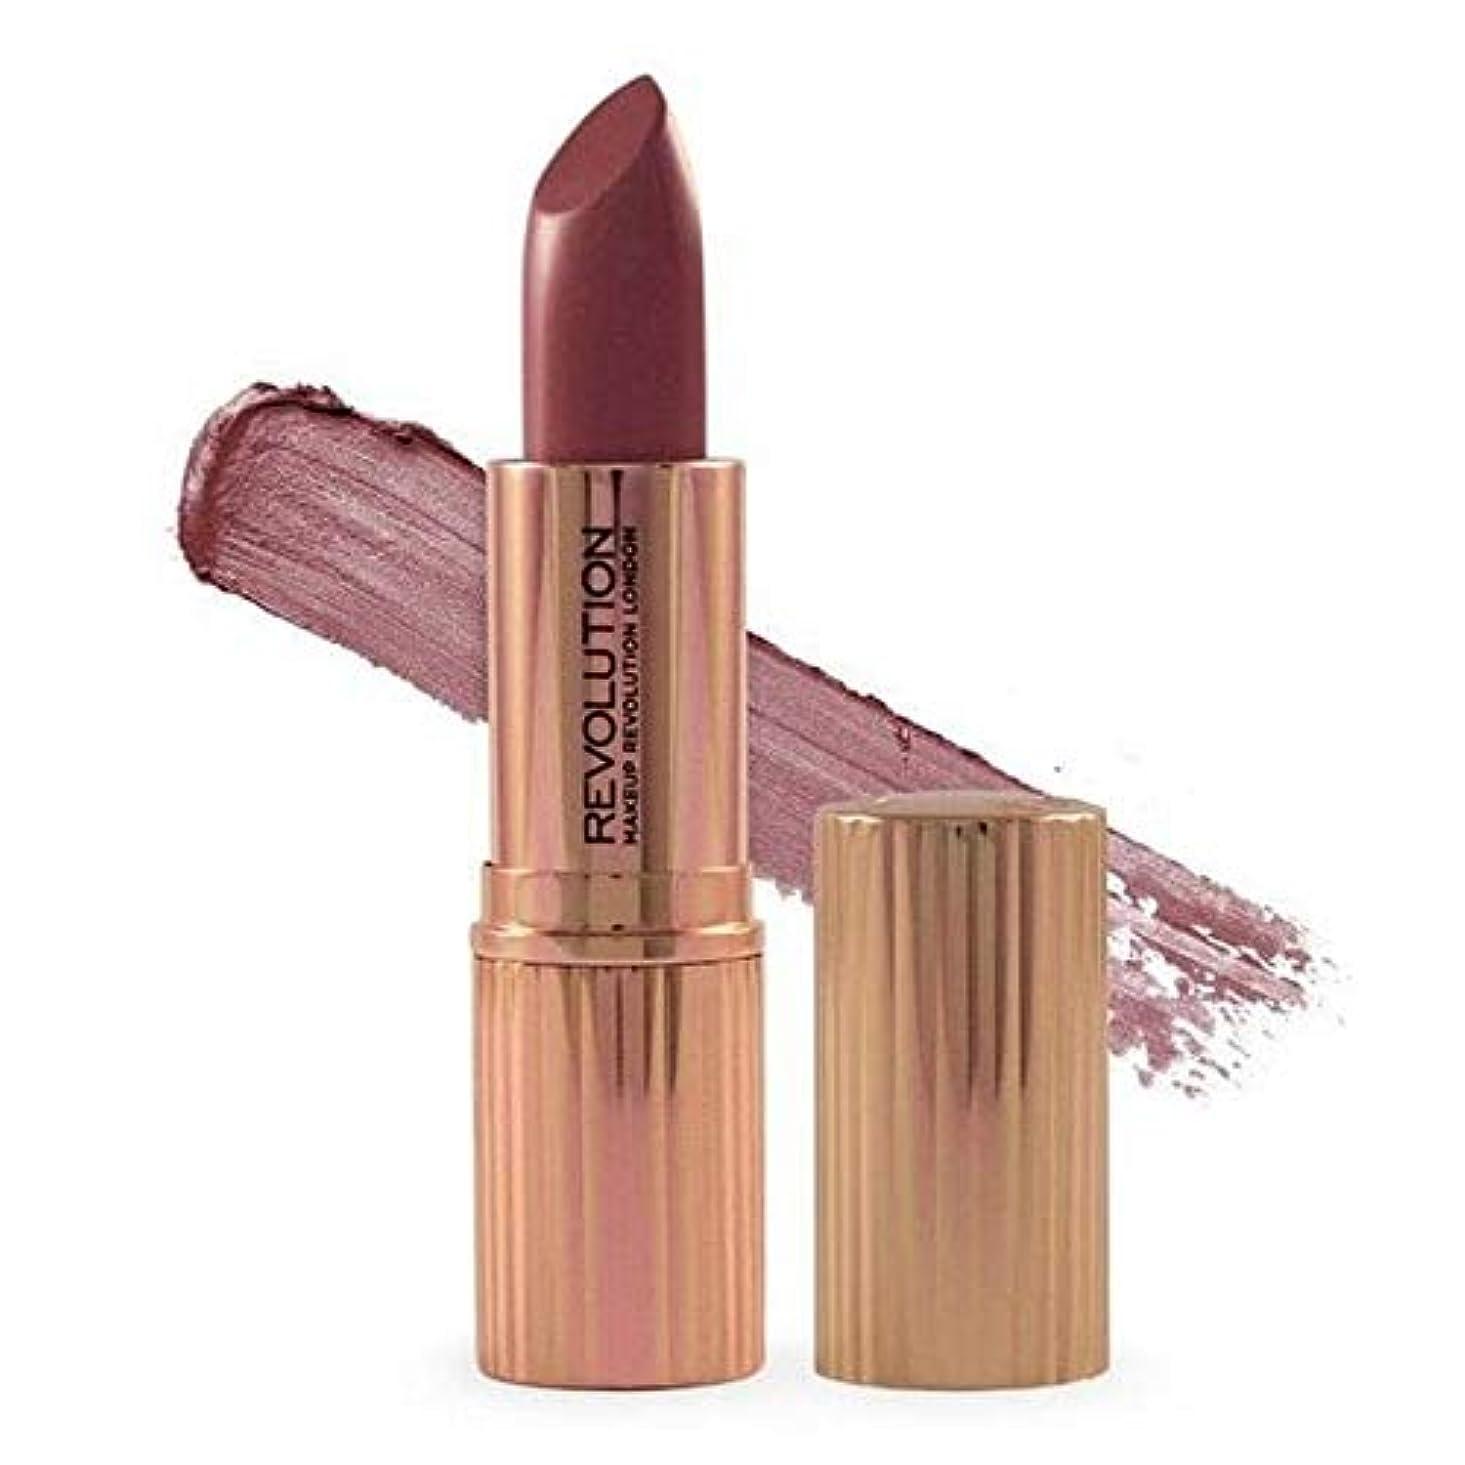 服を着る厳しい関与する[Revolution ] 革命のルネサンス口紅更新 - Revolution Renaissance Lipstick Renew [並行輸入品]